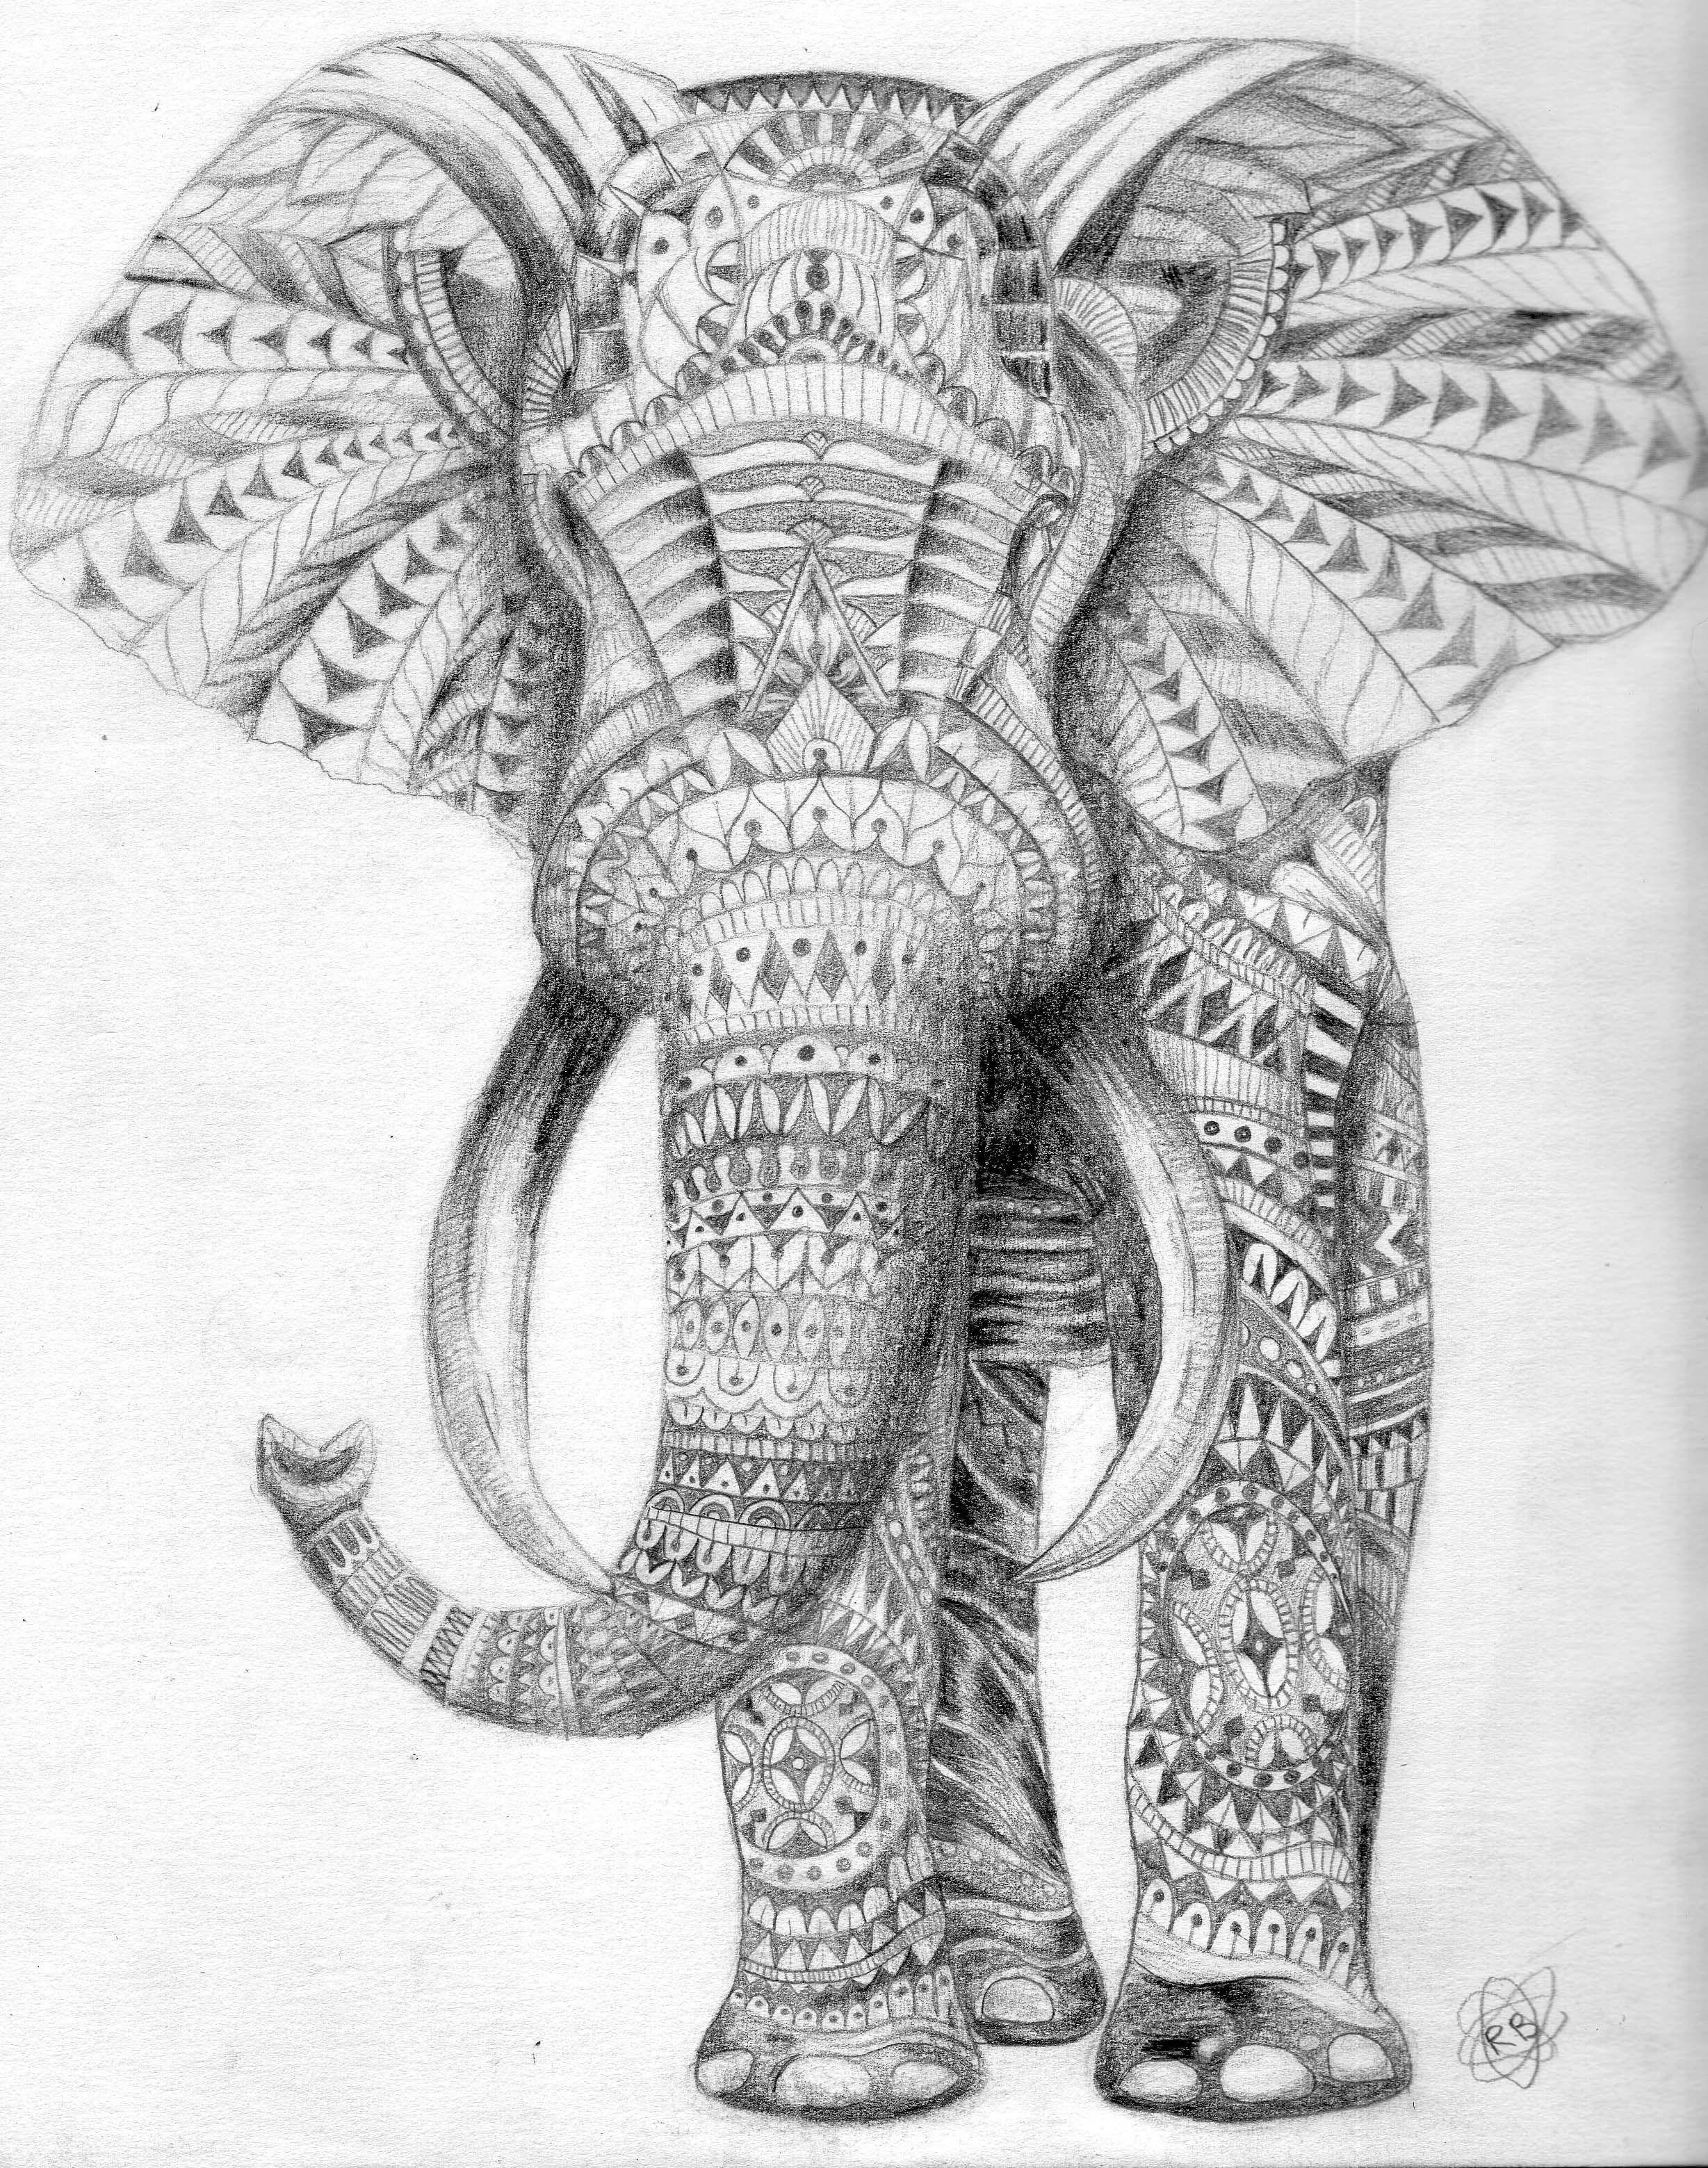 Tribal elephant | My work | Pinterest | Tribal elephant and Doodles